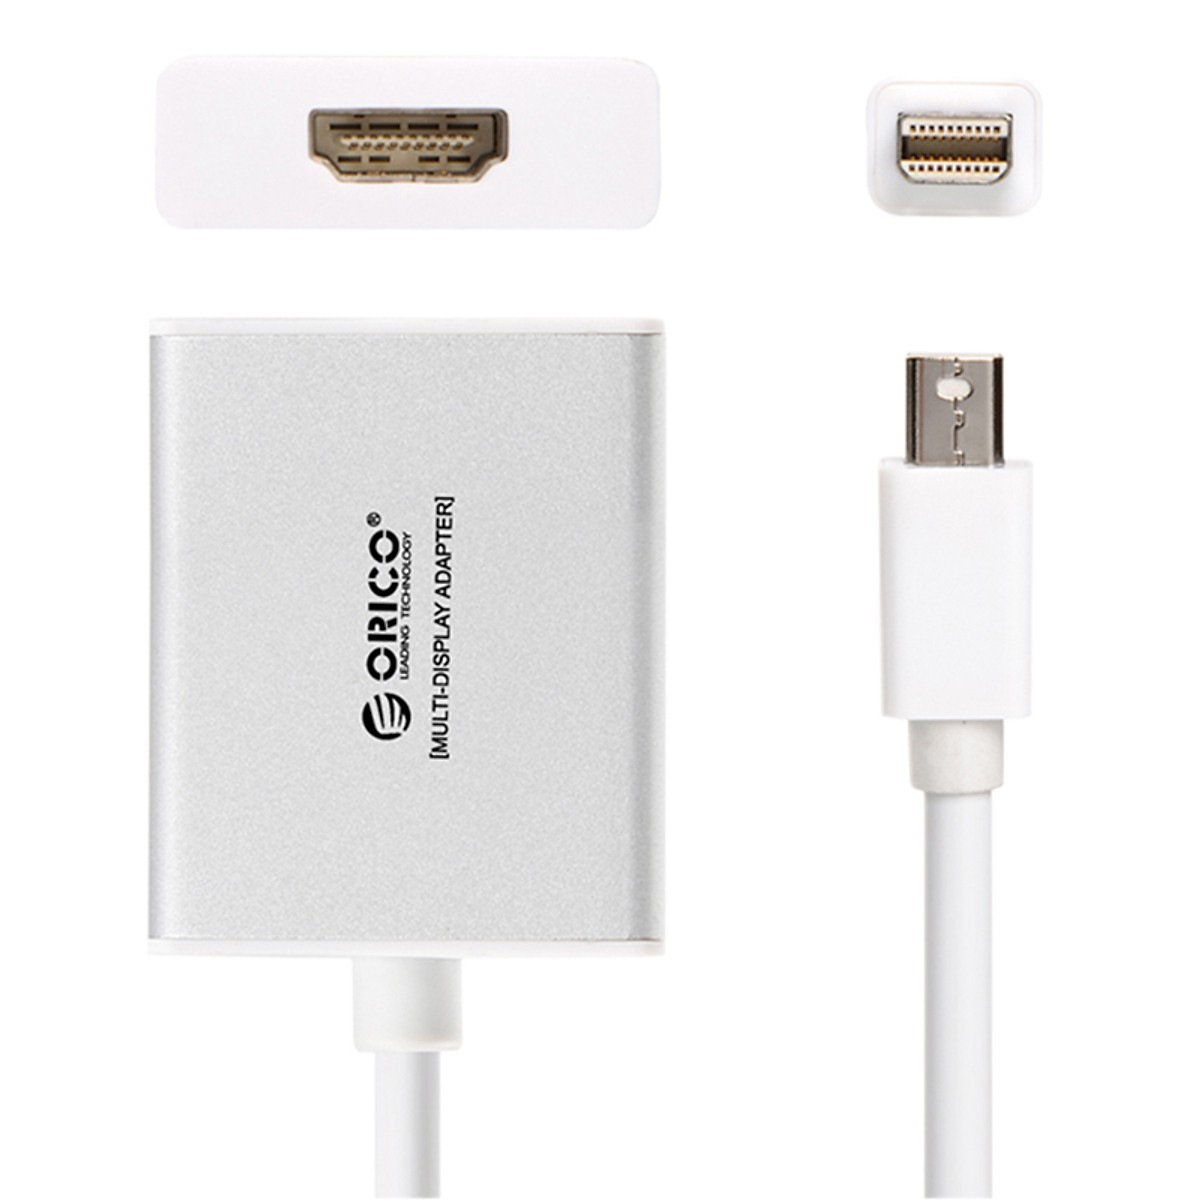 Đầu Chuyển Mini Display Port Sang HDMI Orico DMP3H - Hàng Chính Hãng